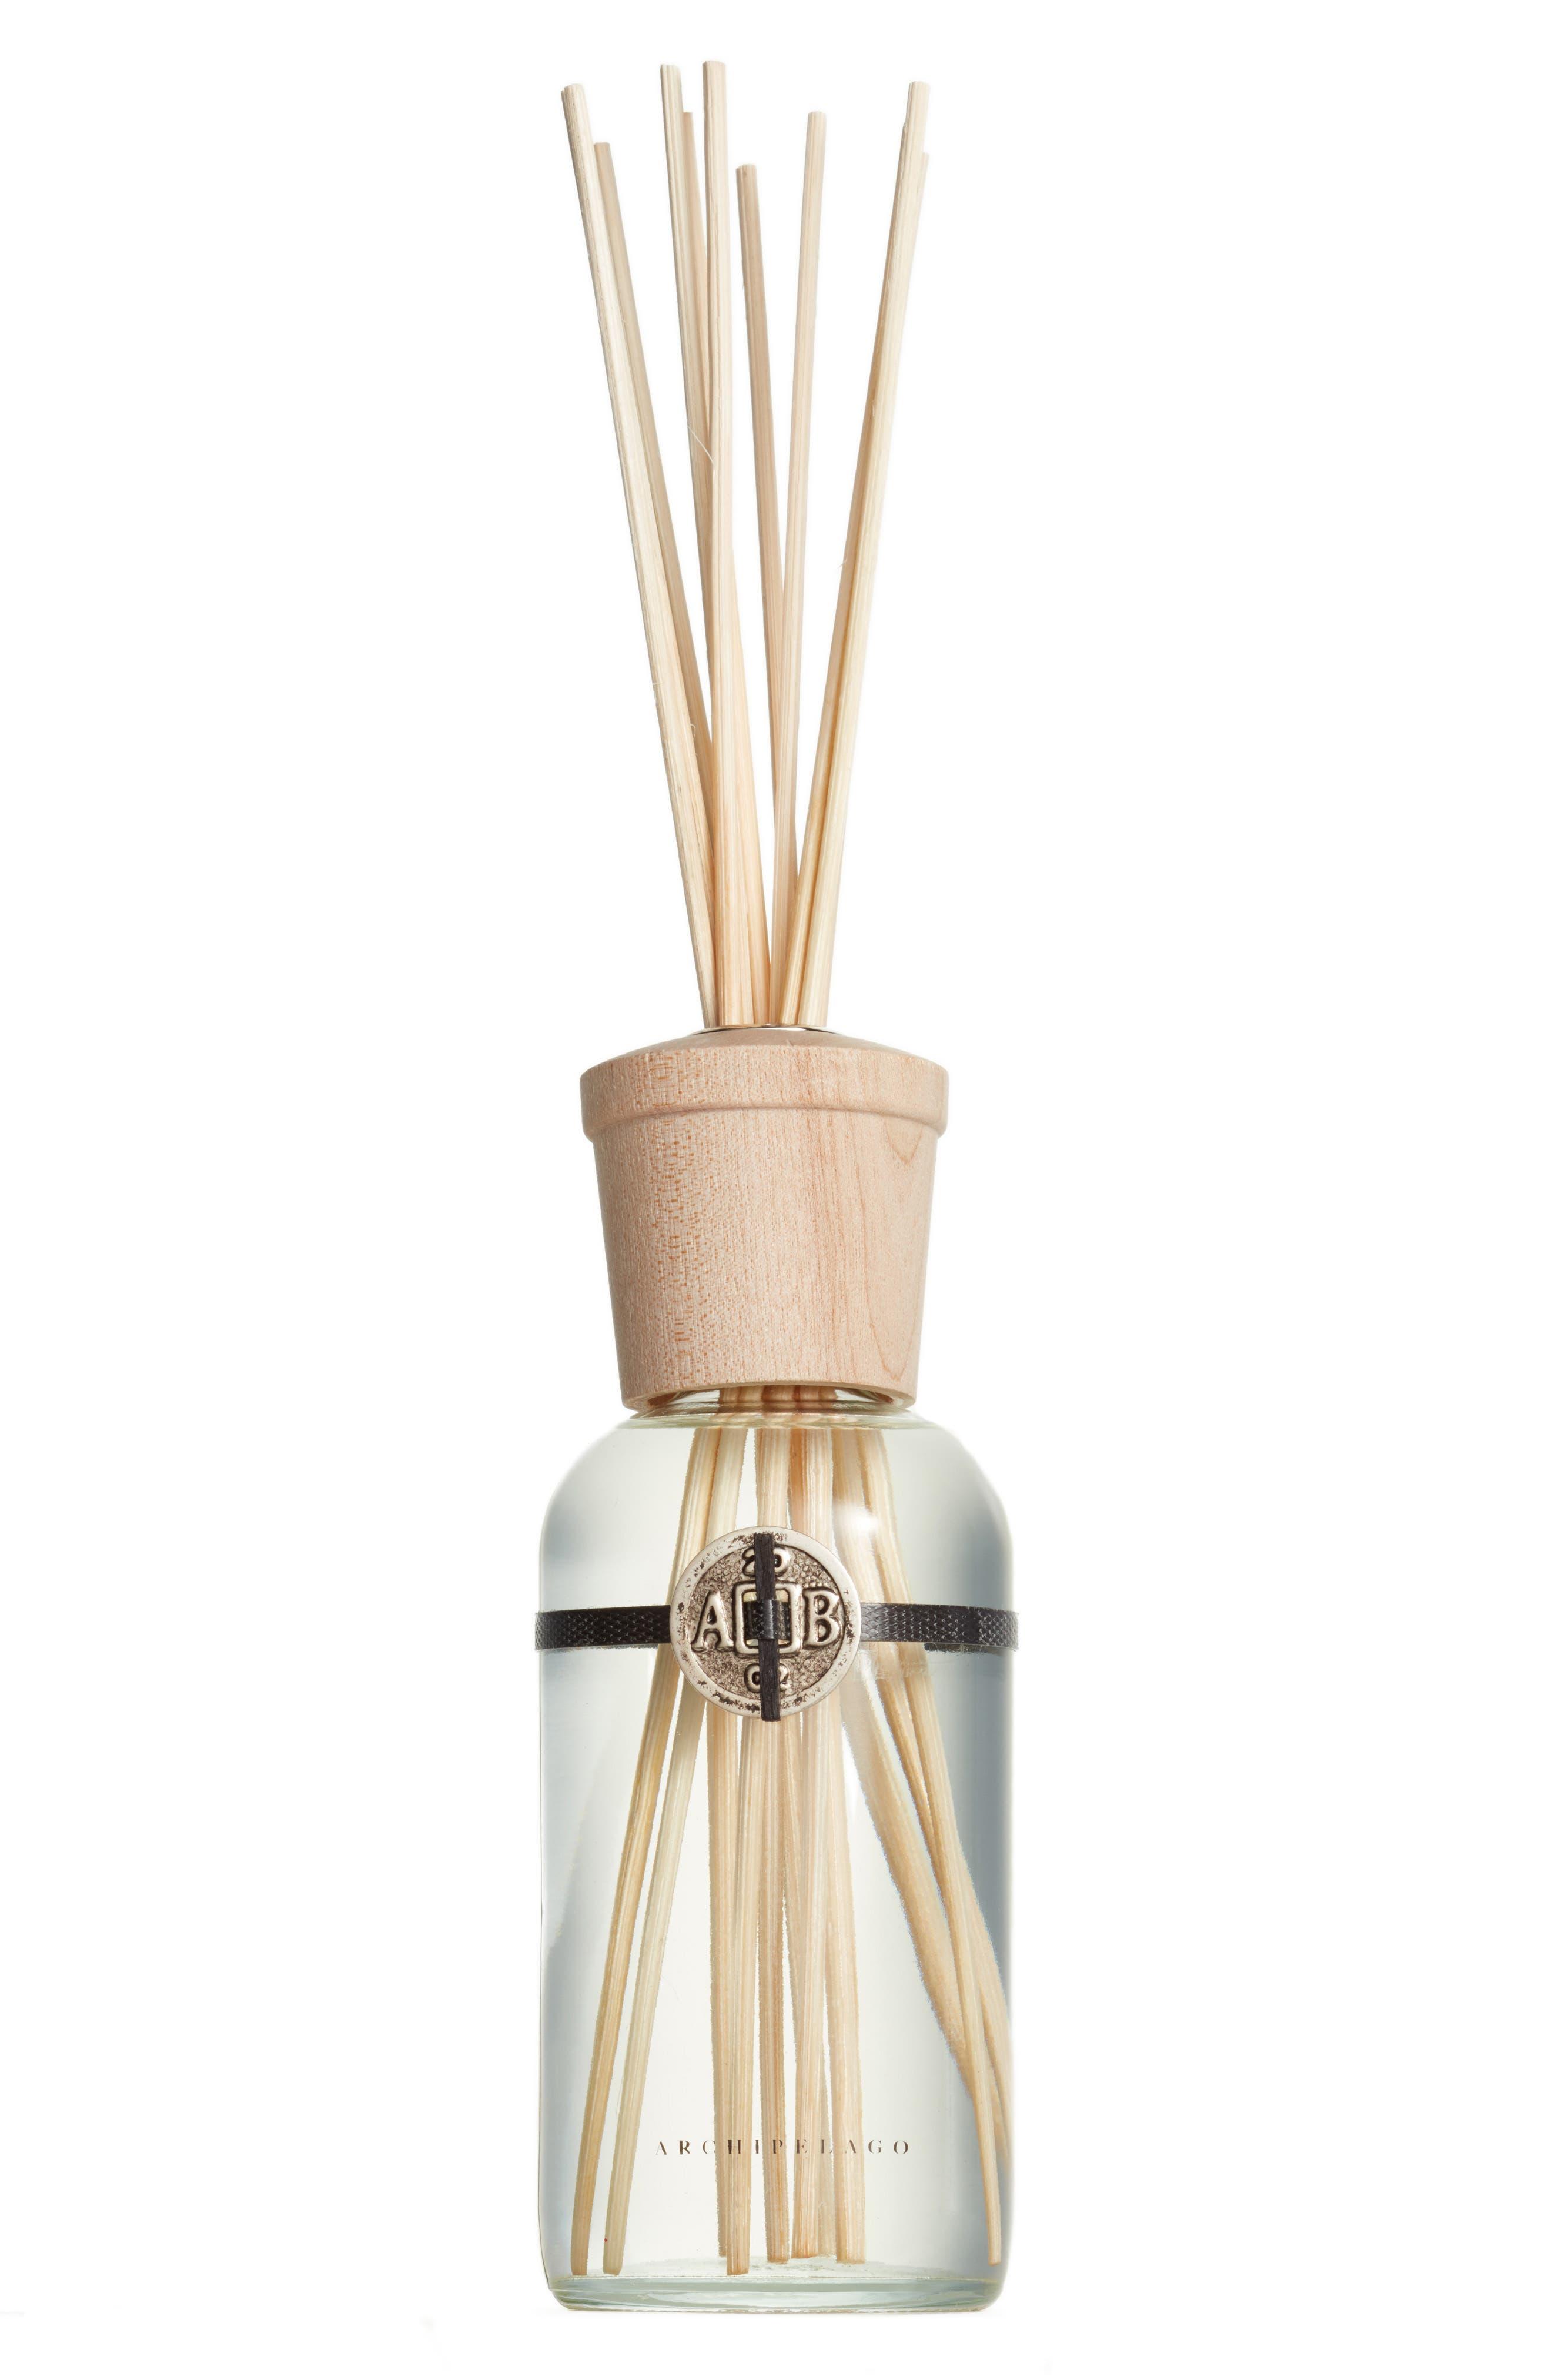 Alternate Image 1 Selected - Archipelago Botanicals Fragrance Diffuser